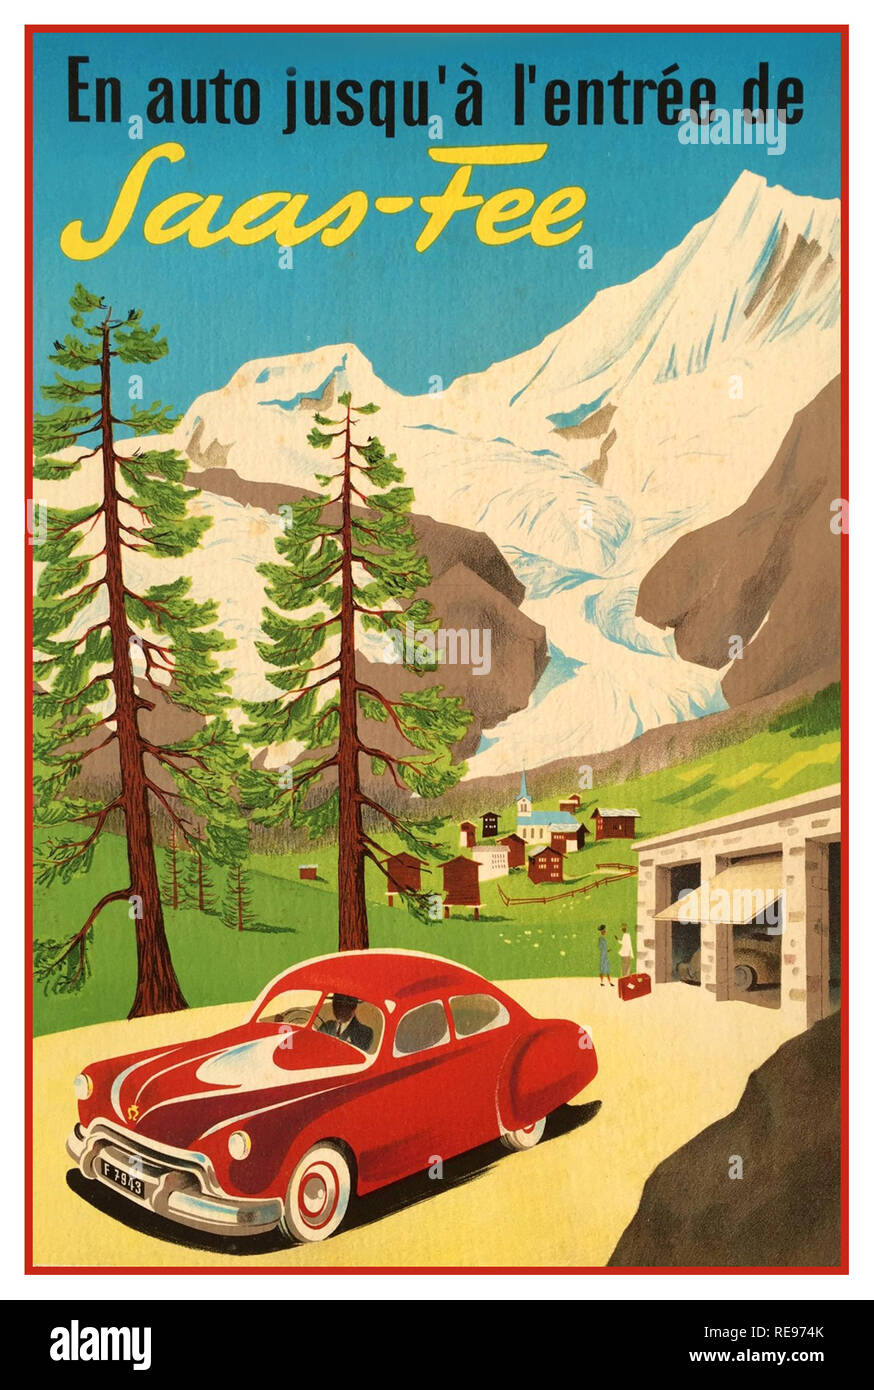 """SAAS-FEE Schweizer Alpen Jahrgang 1930 Switzerland Travel Poster', die mit dem Auto an den Eingang des Aaas-Fee"""" Ferienort in den Schweizer Alpen in der Nähe der italienischen Grenze, in der Nähe von Berge bekannt, mehr als 4.000 m über dem Meer. Es ist das Tor zu mehr als 100 km Pisten für Ski und Snowboard fahren, rodeln und Rodelbahnen. Stockfoto"""